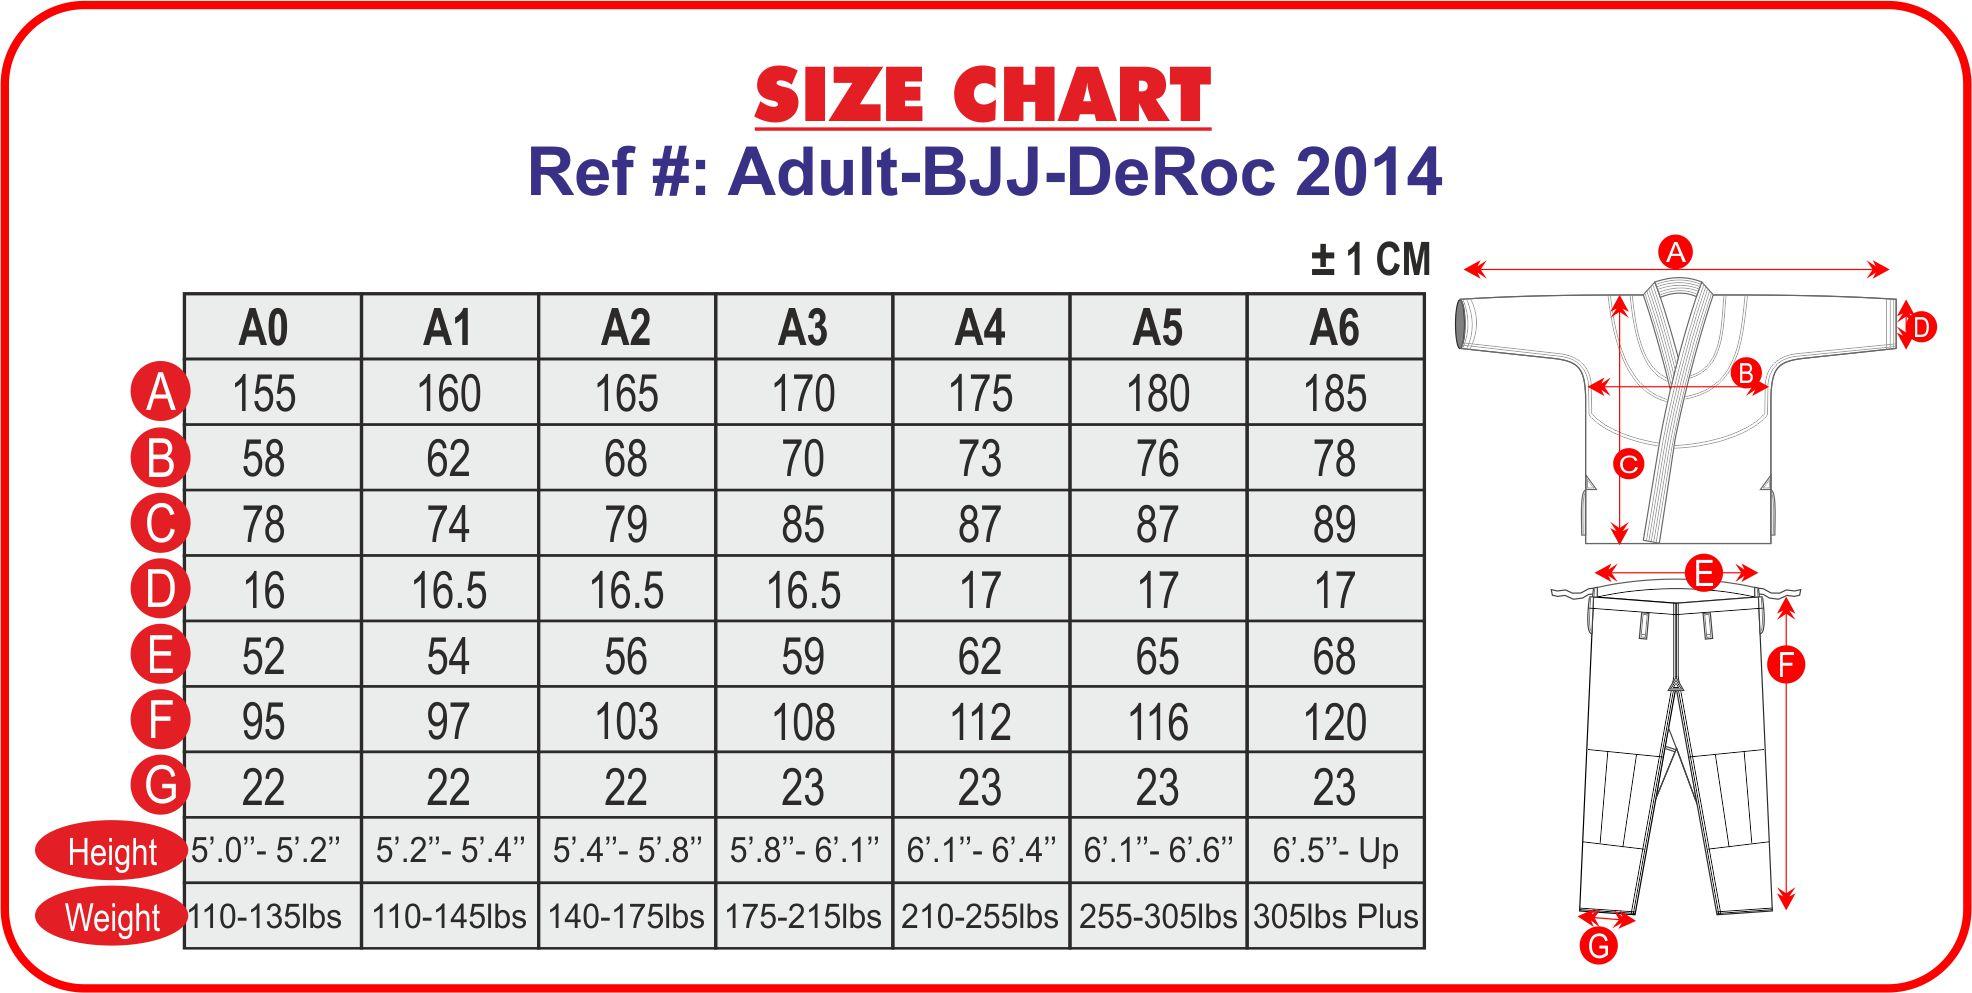 DeRoc Size Chart -Adult